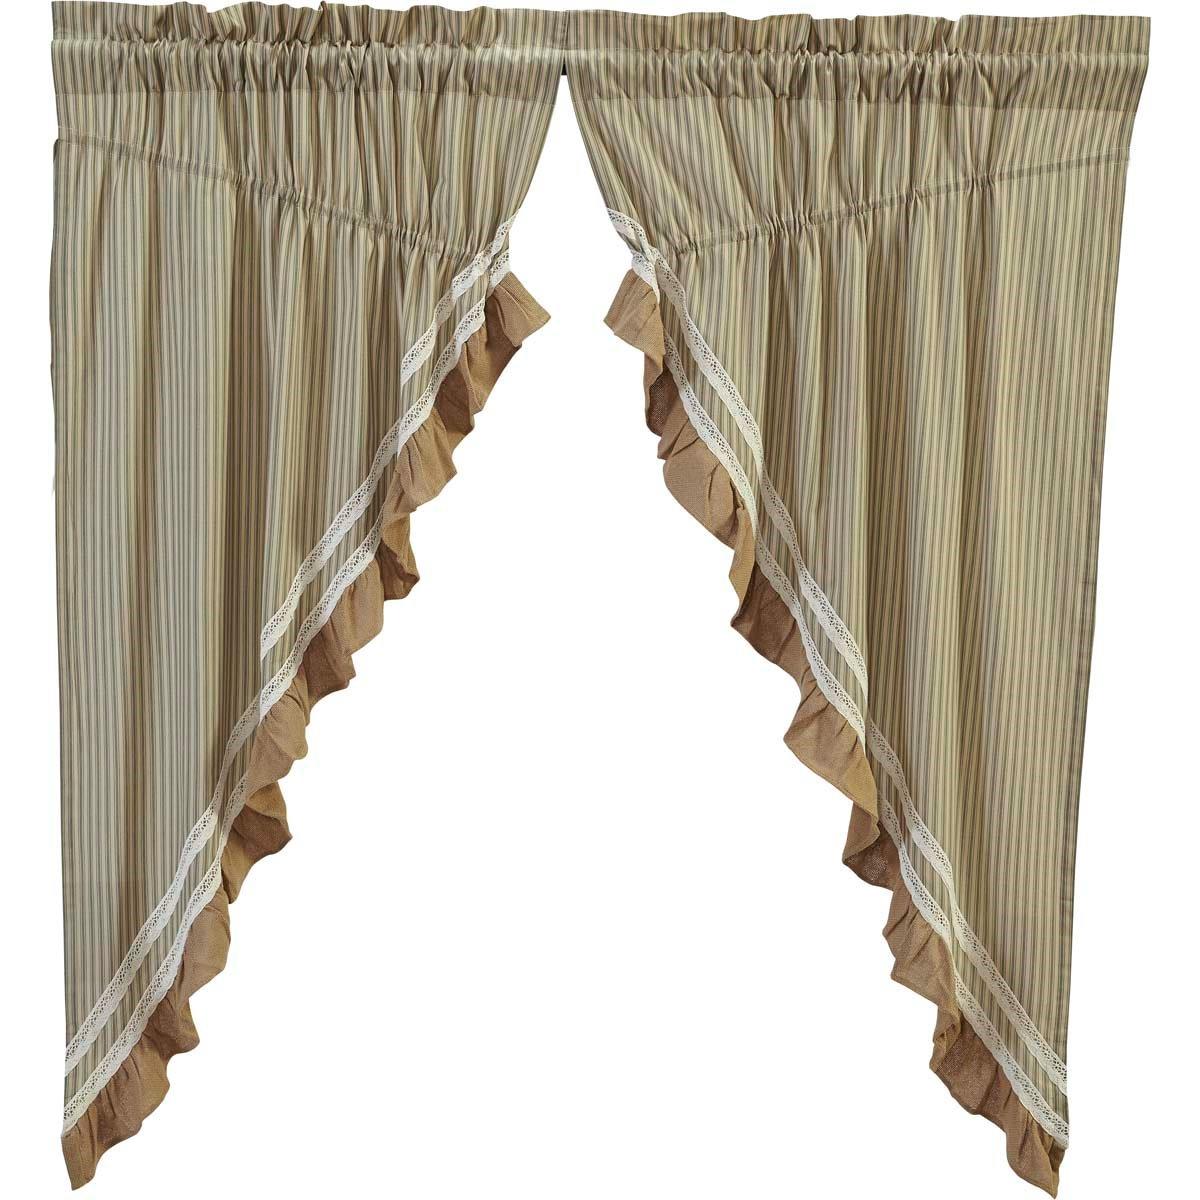 Kendra Stripe Green Prairie Curtain set of 2 (63L x 36W)